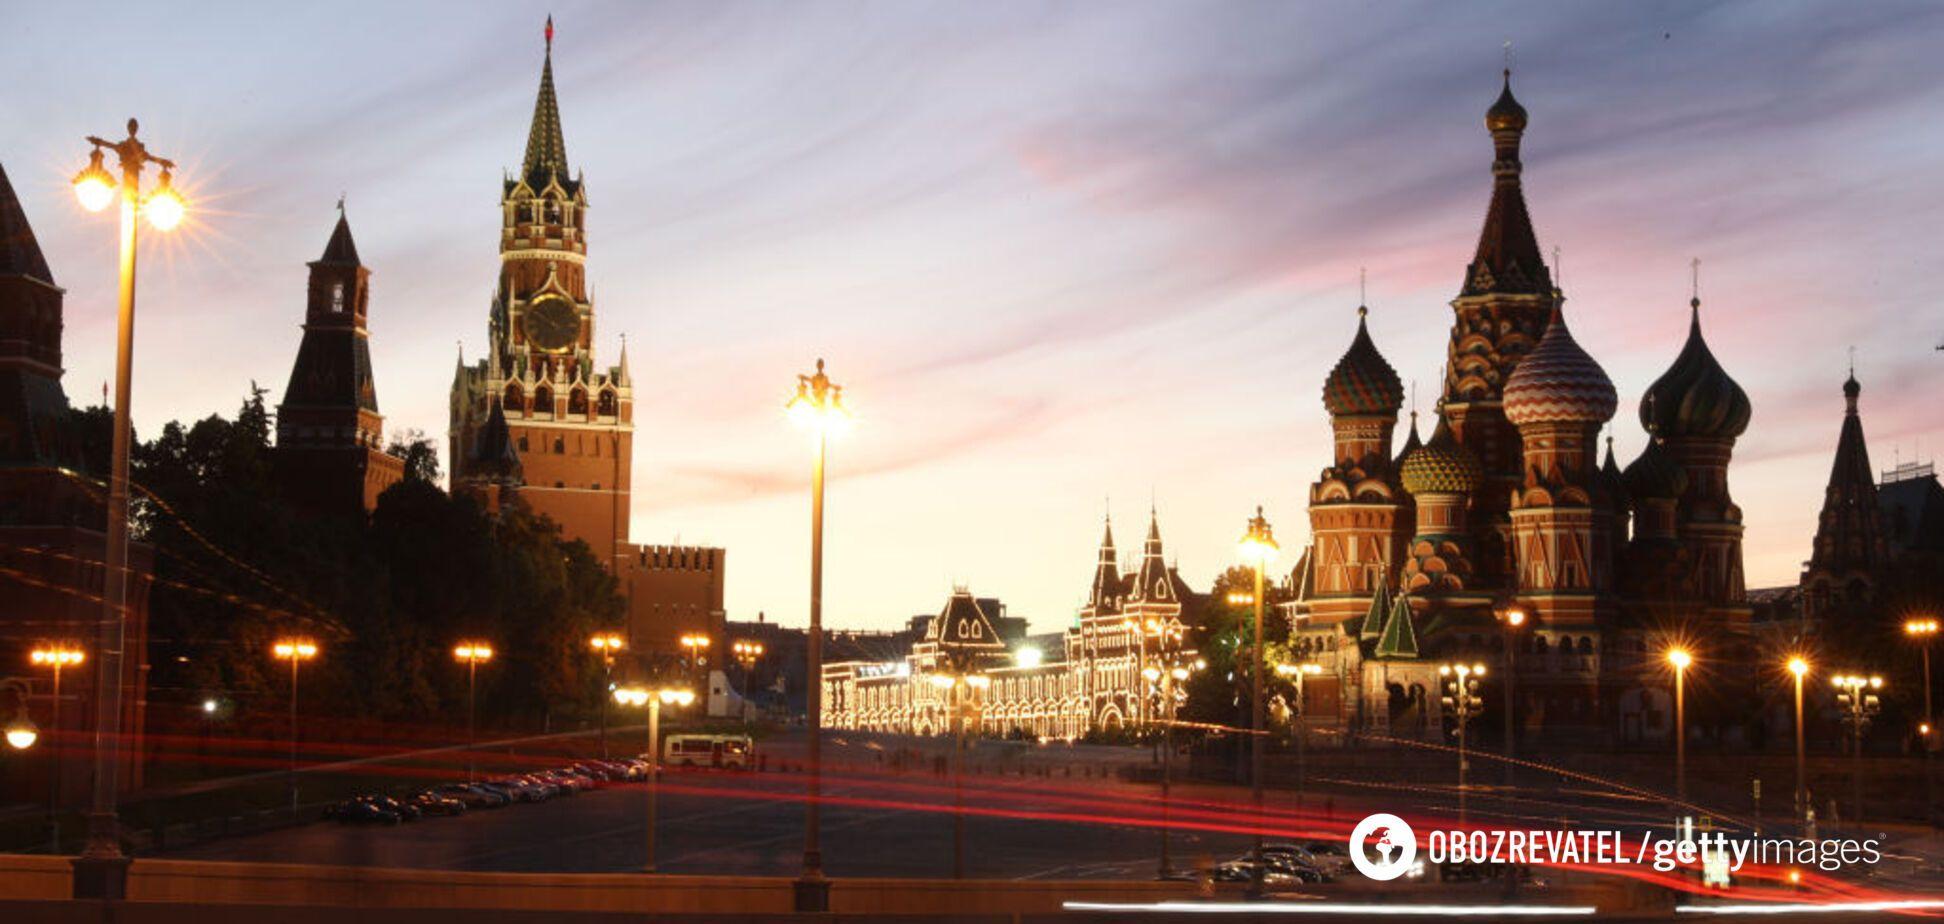 Кремль дійшов висновку, що росіяни шикують: введення продуктових карток на підході